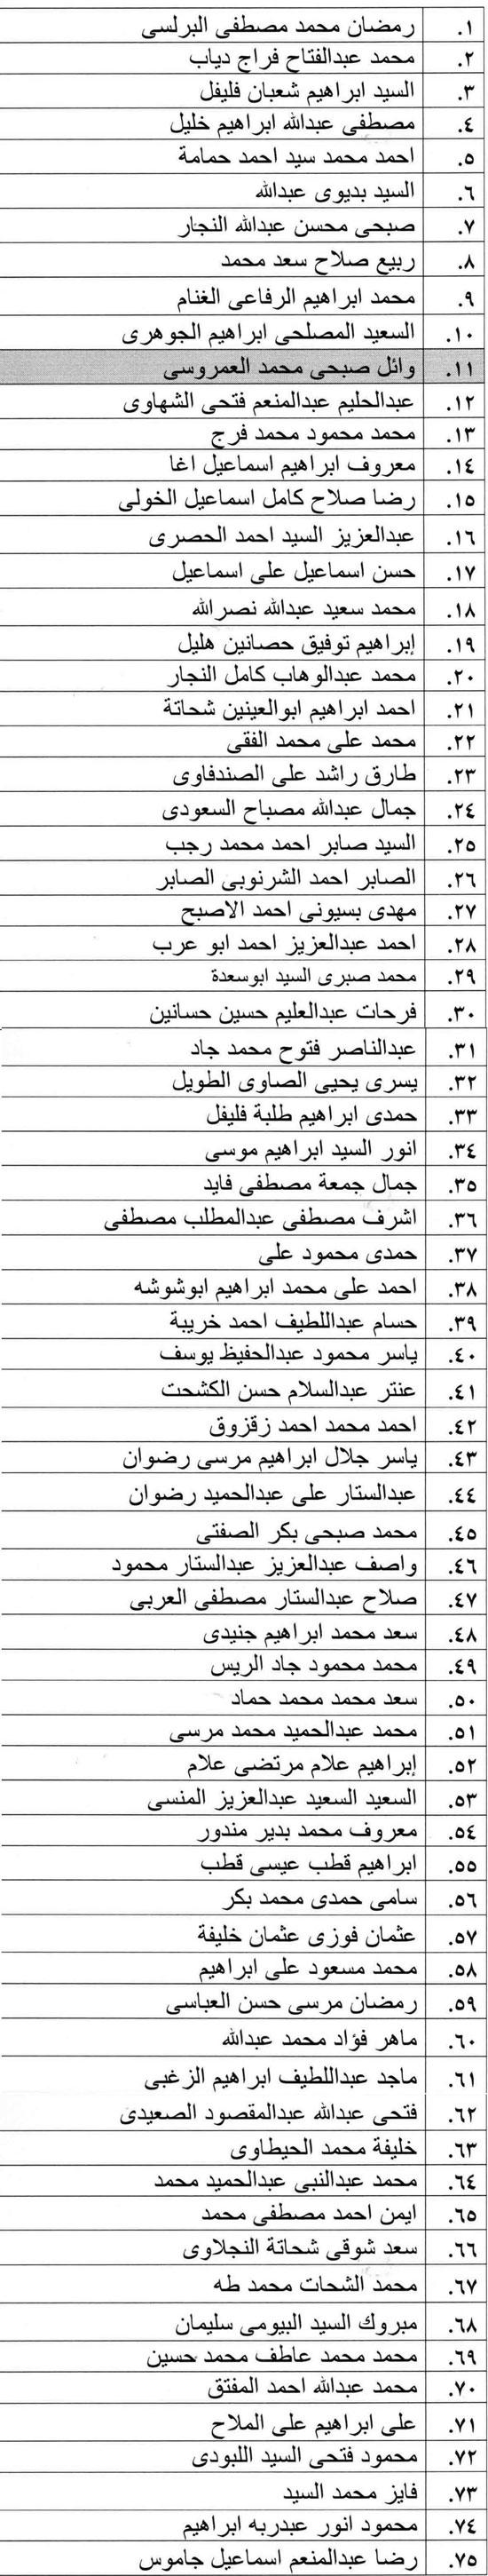 الفائزين بمسابقة وزارة الأوقاف (2)